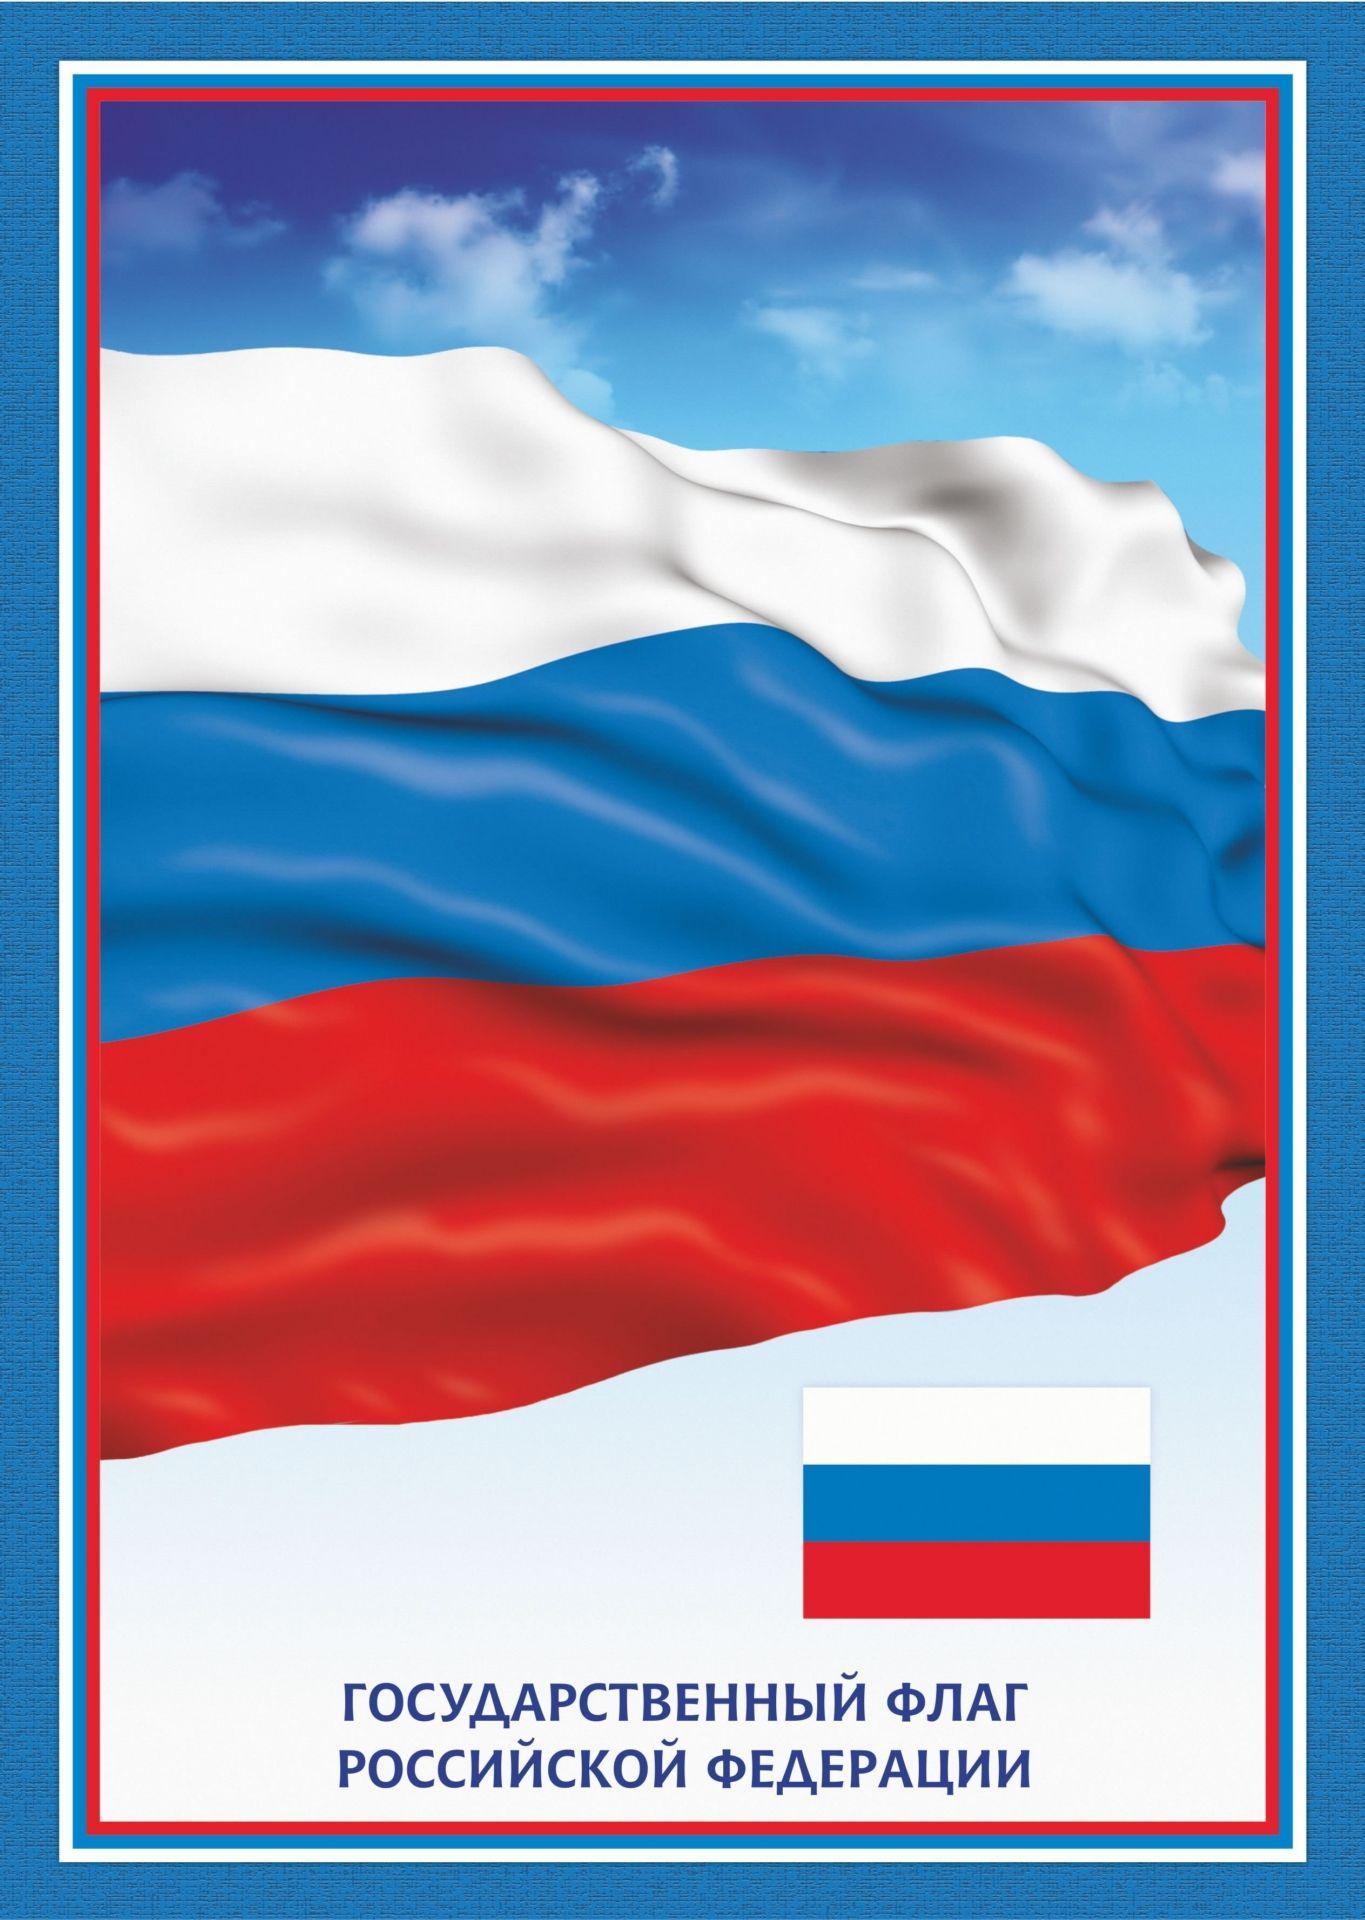 Тематический плакат Флаг Российской ФедерацииПлакаты, постеры, карты<br>Материалы:на обложку - бумага мелованная, пл. 250.00.<br><br>Год: 2018<br>Высота: 297<br>Ширина: 210